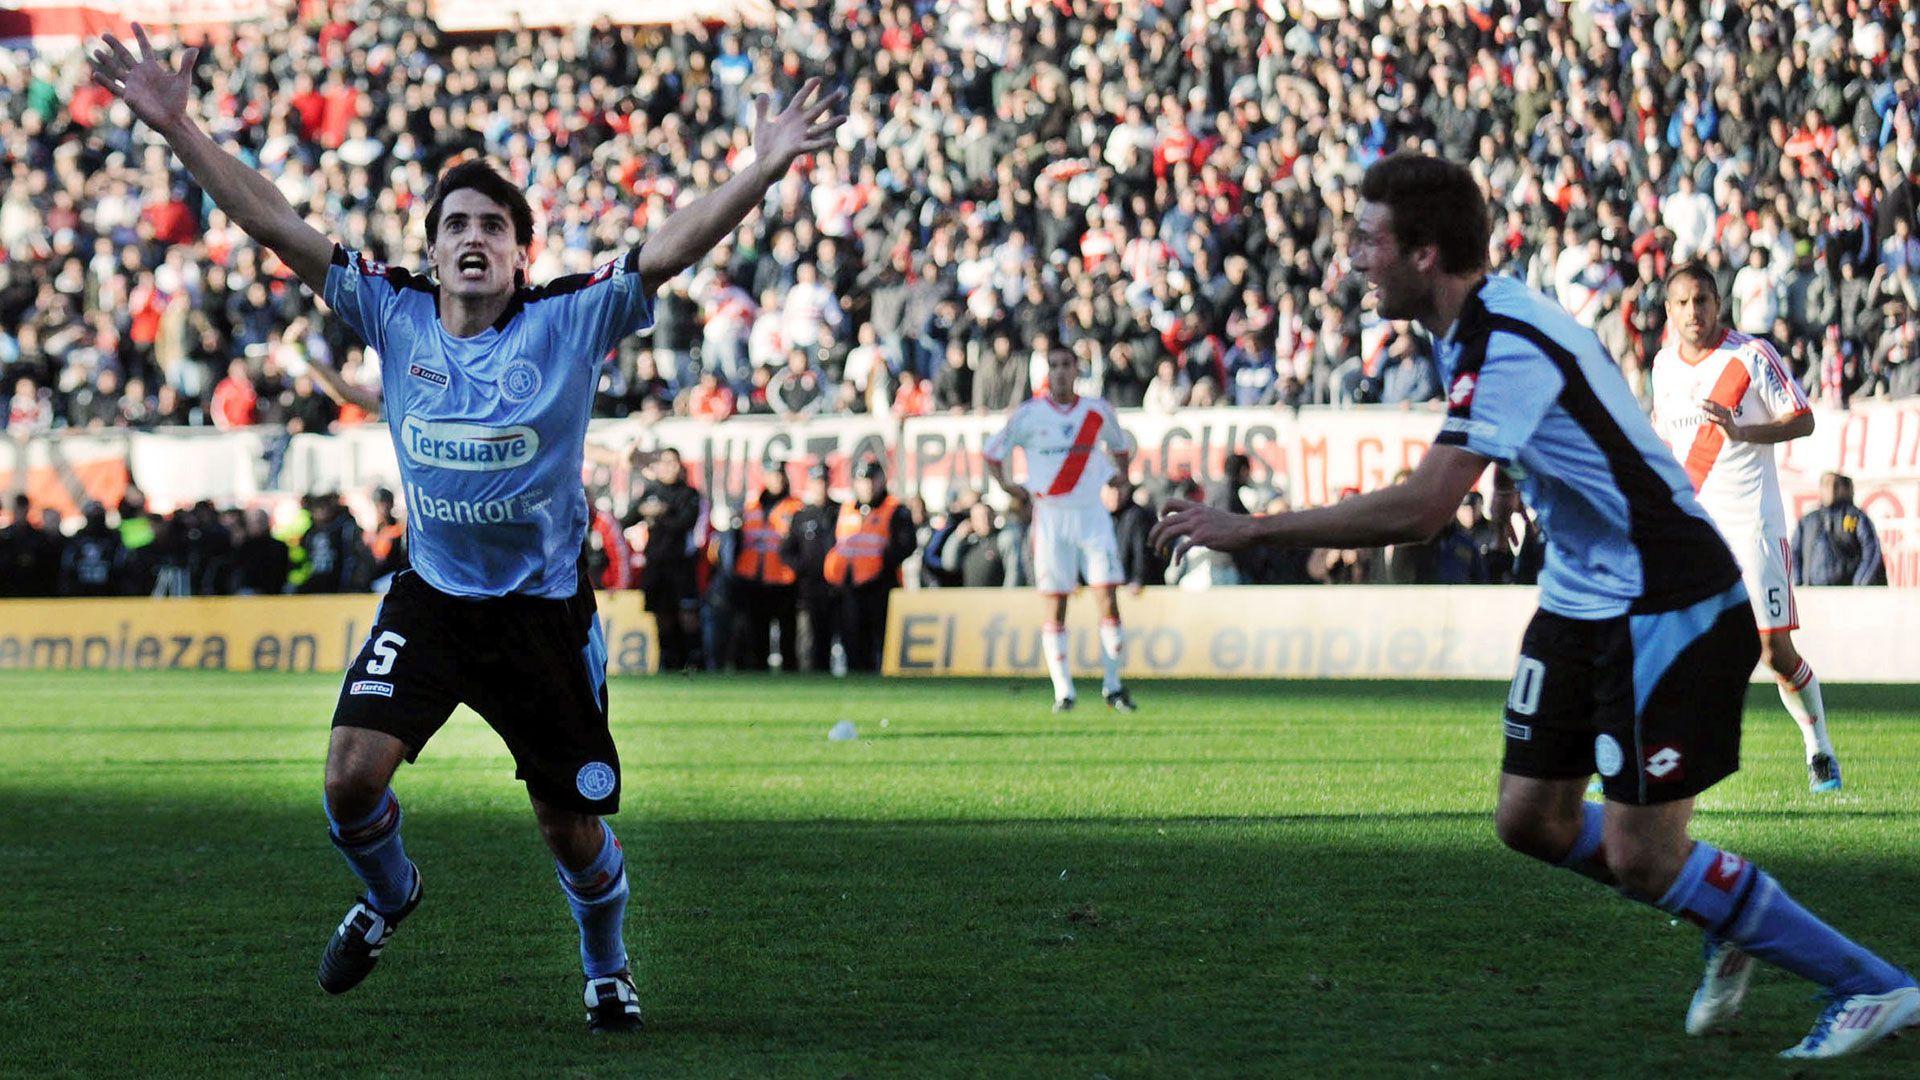 La tarde más dolorosa para River, el festejo inesperado de Guillermo Farré, con pocos goles en su carrera. (NA)